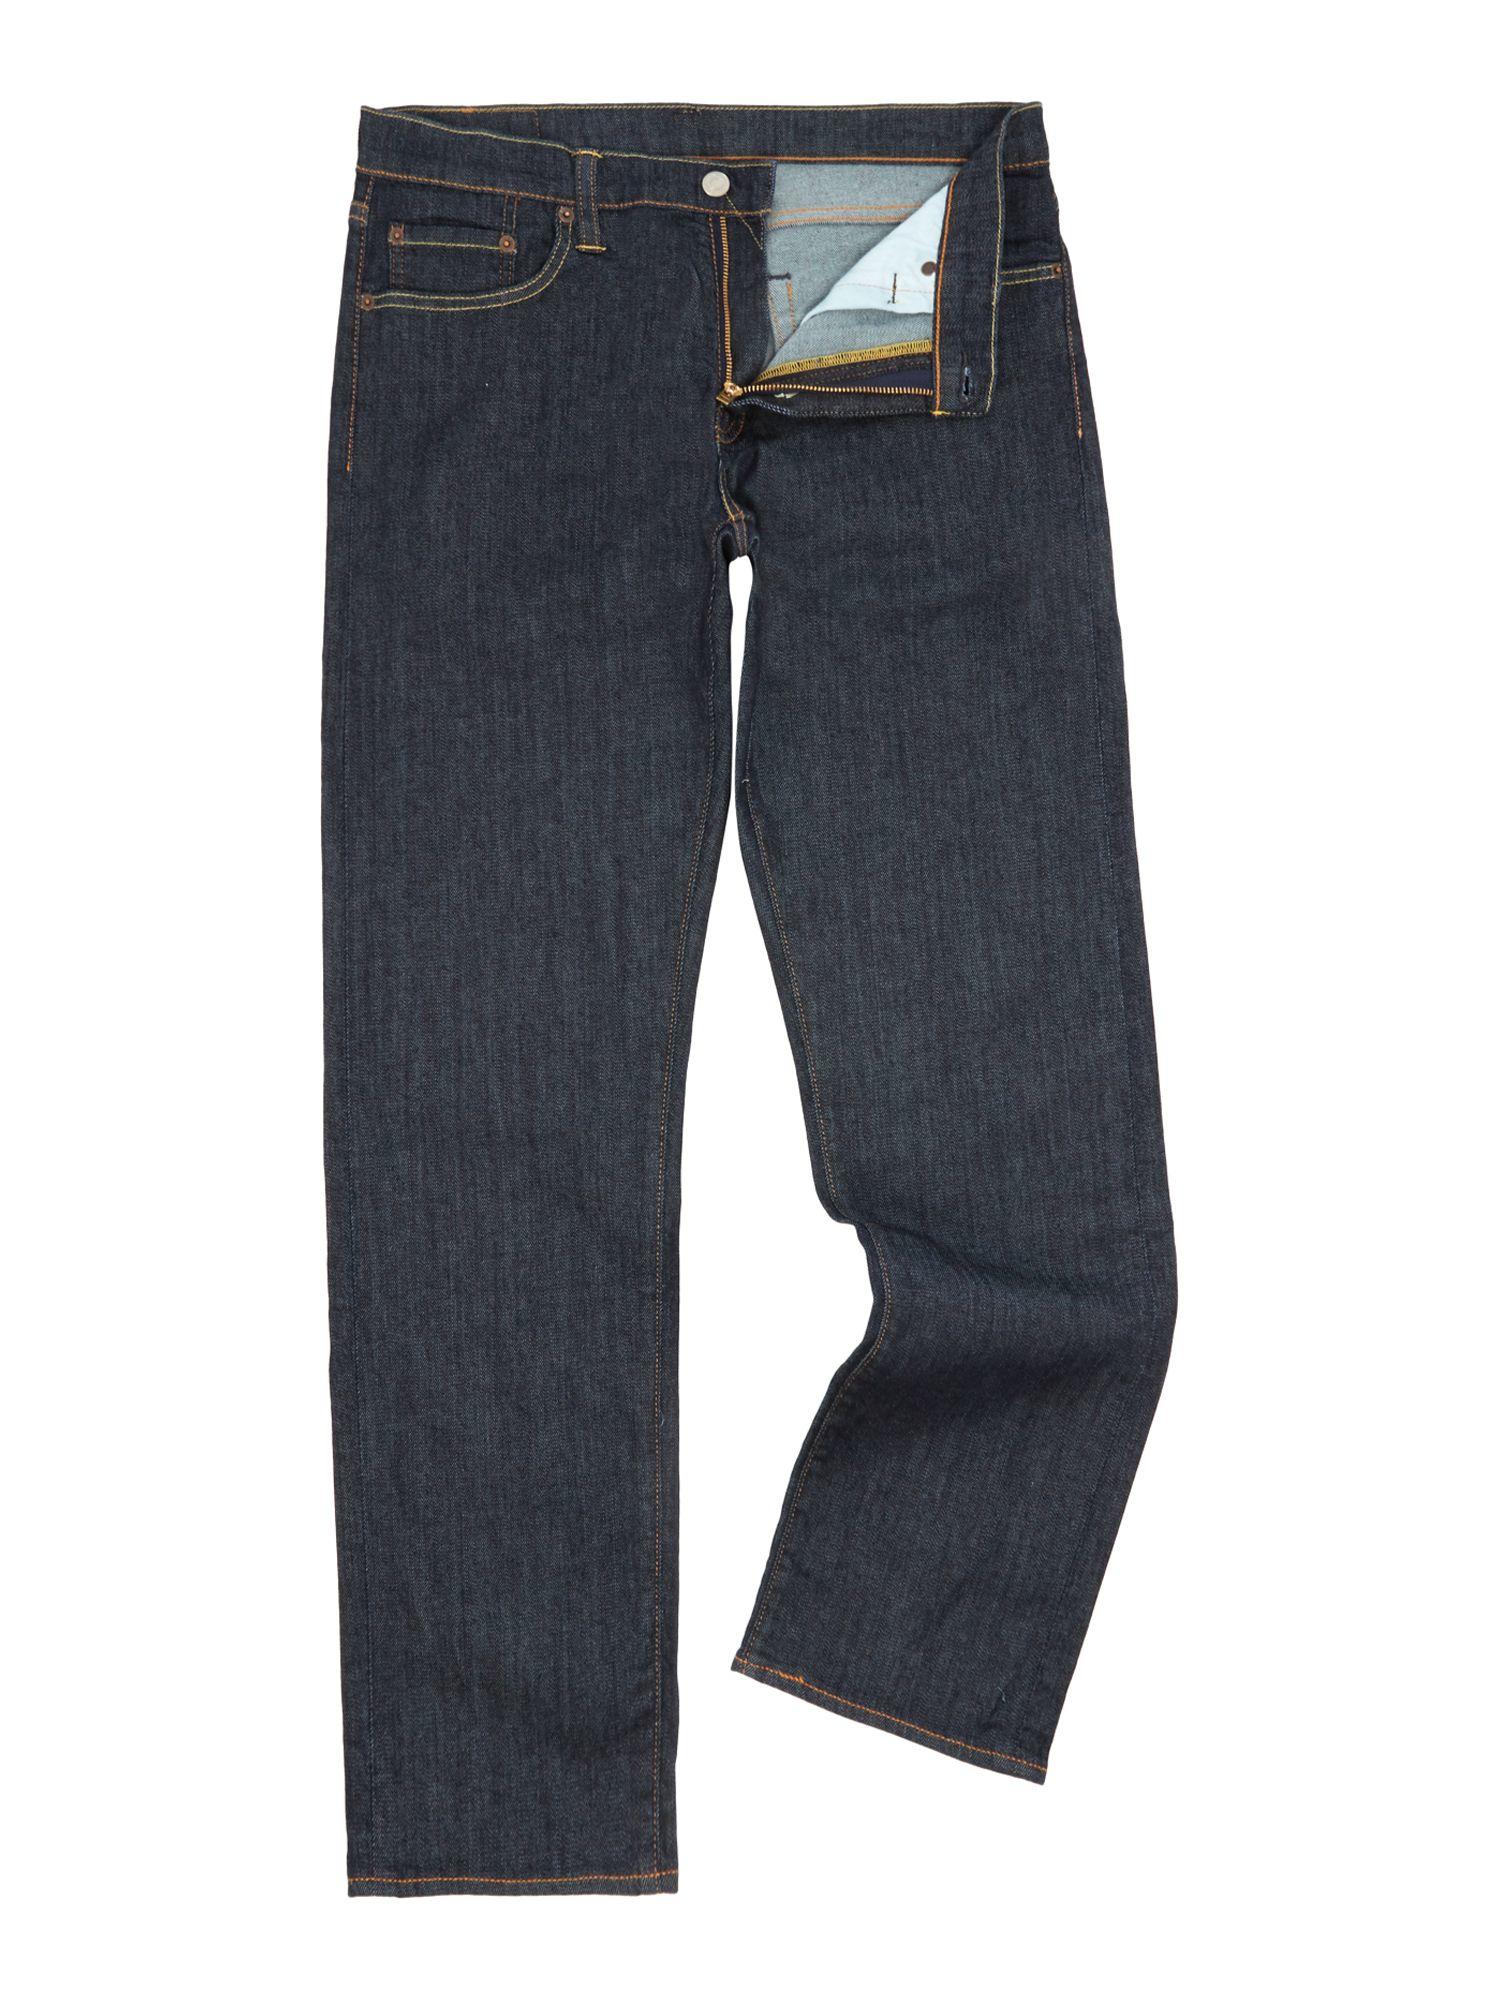 levi 39 s high def 504 regular straight jean in blue for men. Black Bedroom Furniture Sets. Home Design Ideas